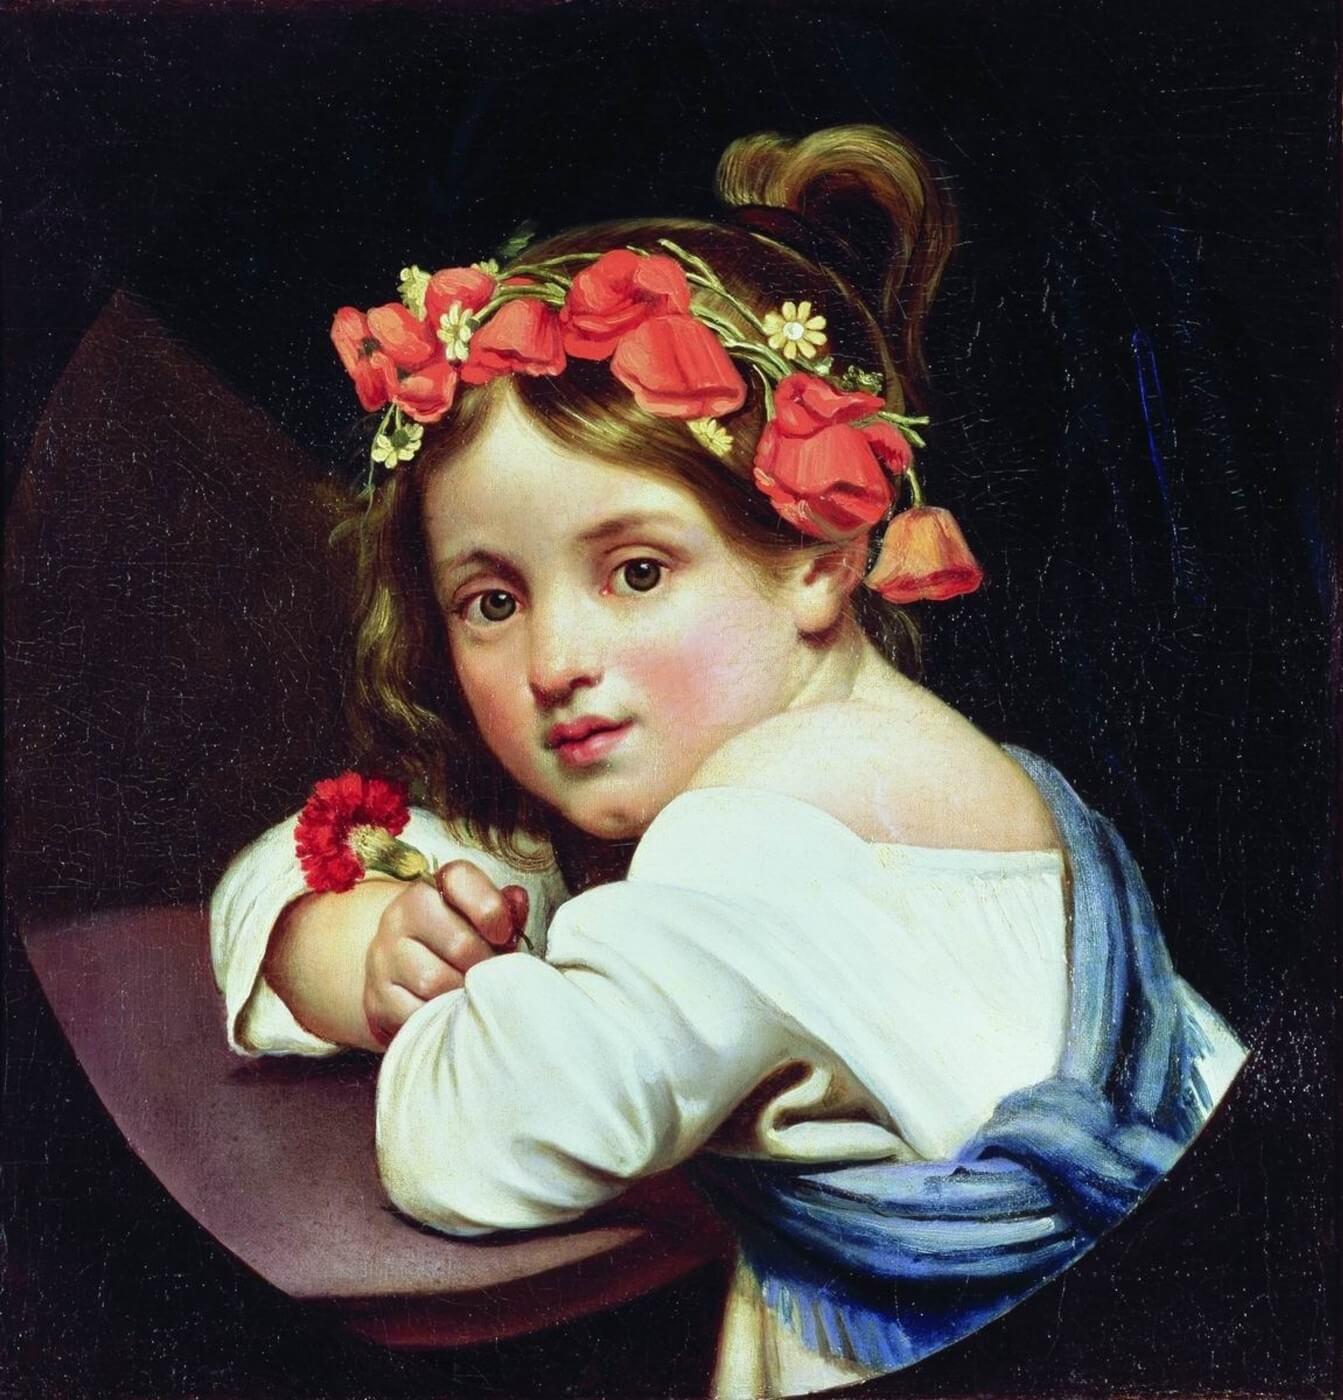 """Описание картины """"Девочка в маковом венке с гвоздикой в руке"""" Ореста Кипренского"""